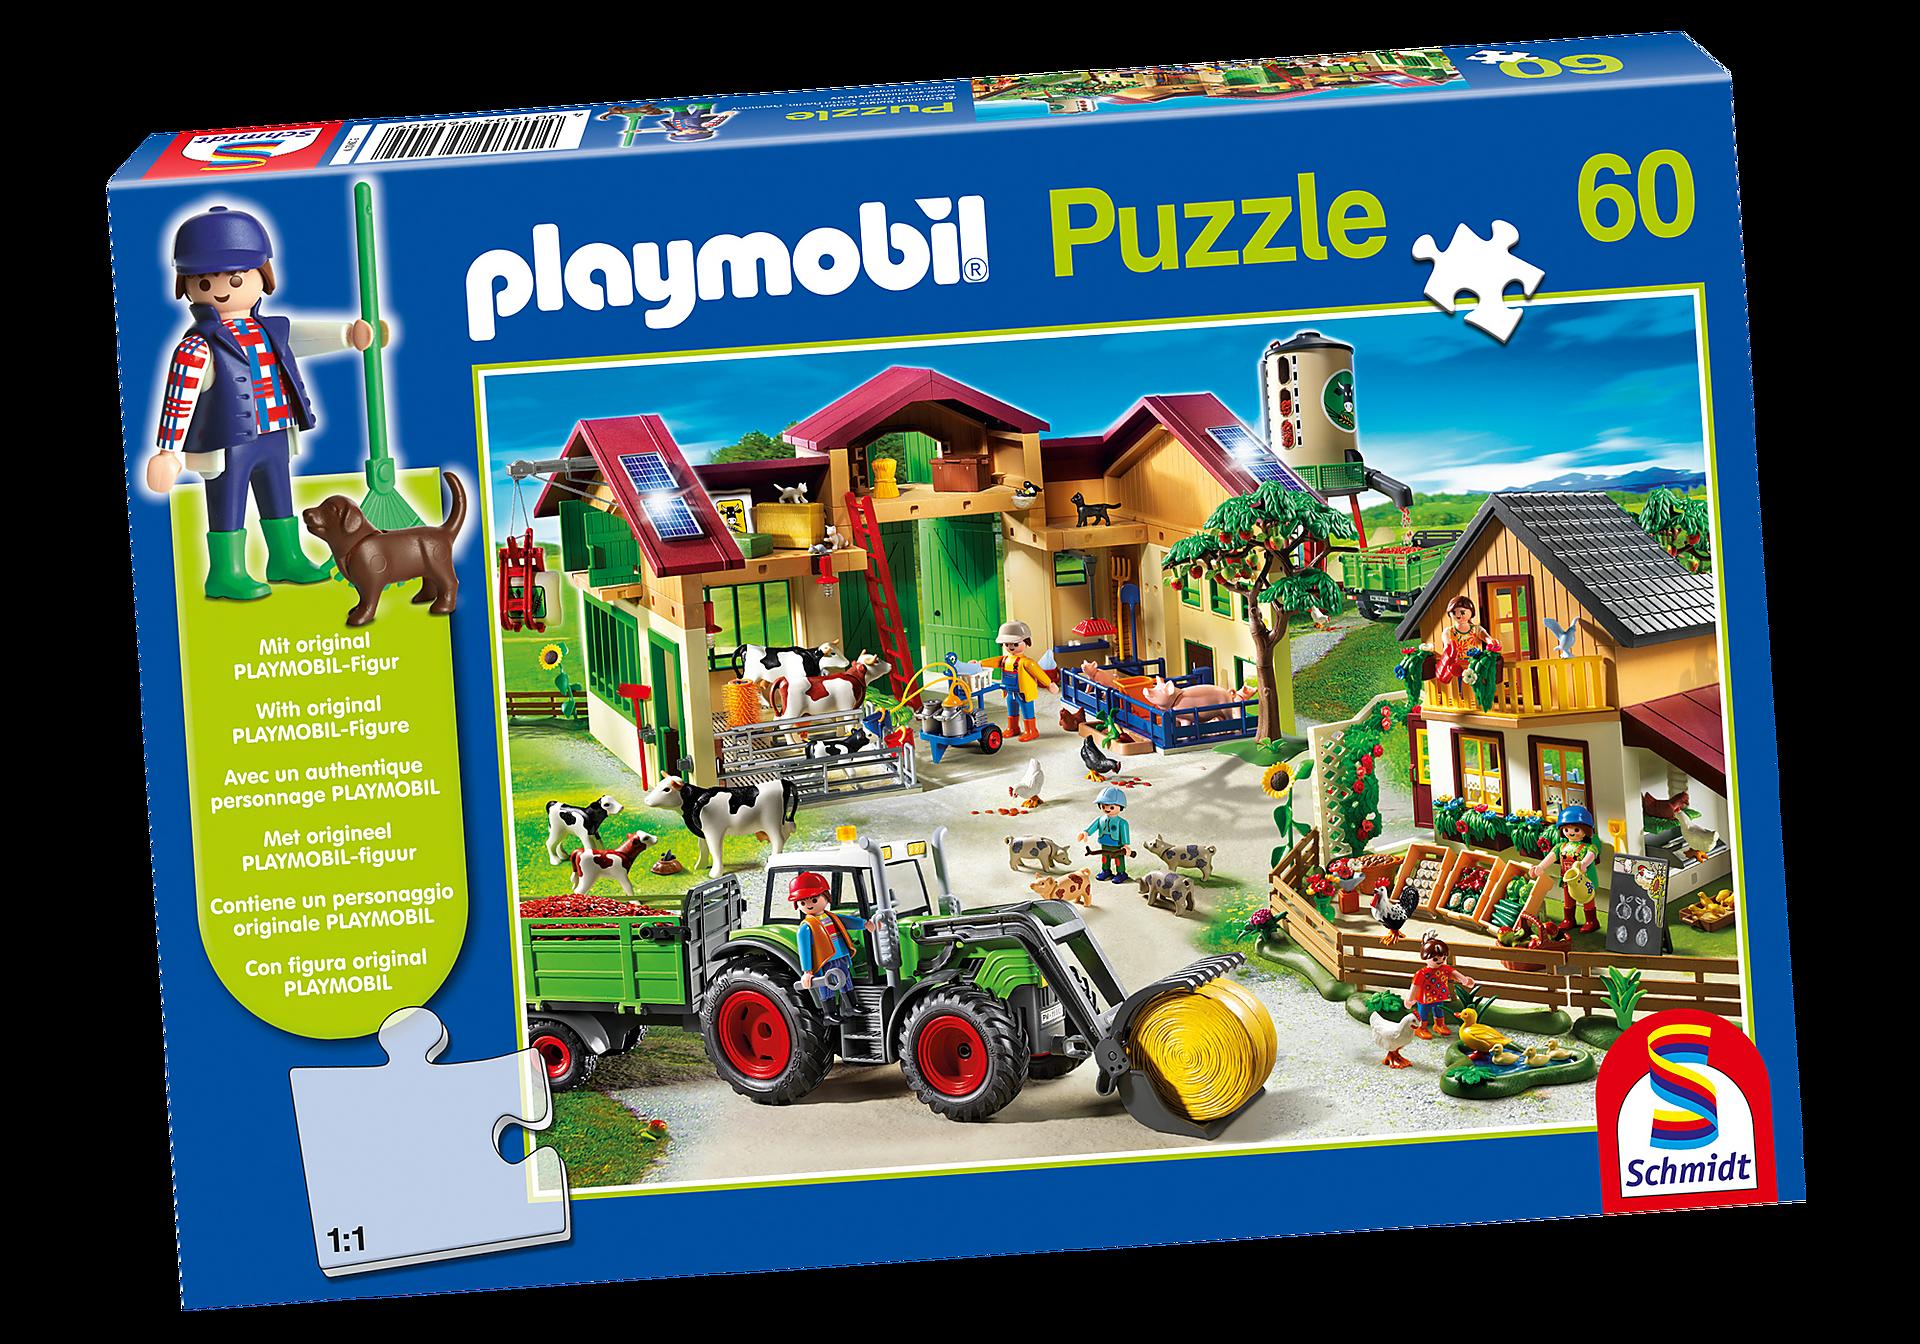 http://media.playmobil.com/i/playmobil/80352_product_detail/Farm Puzzle